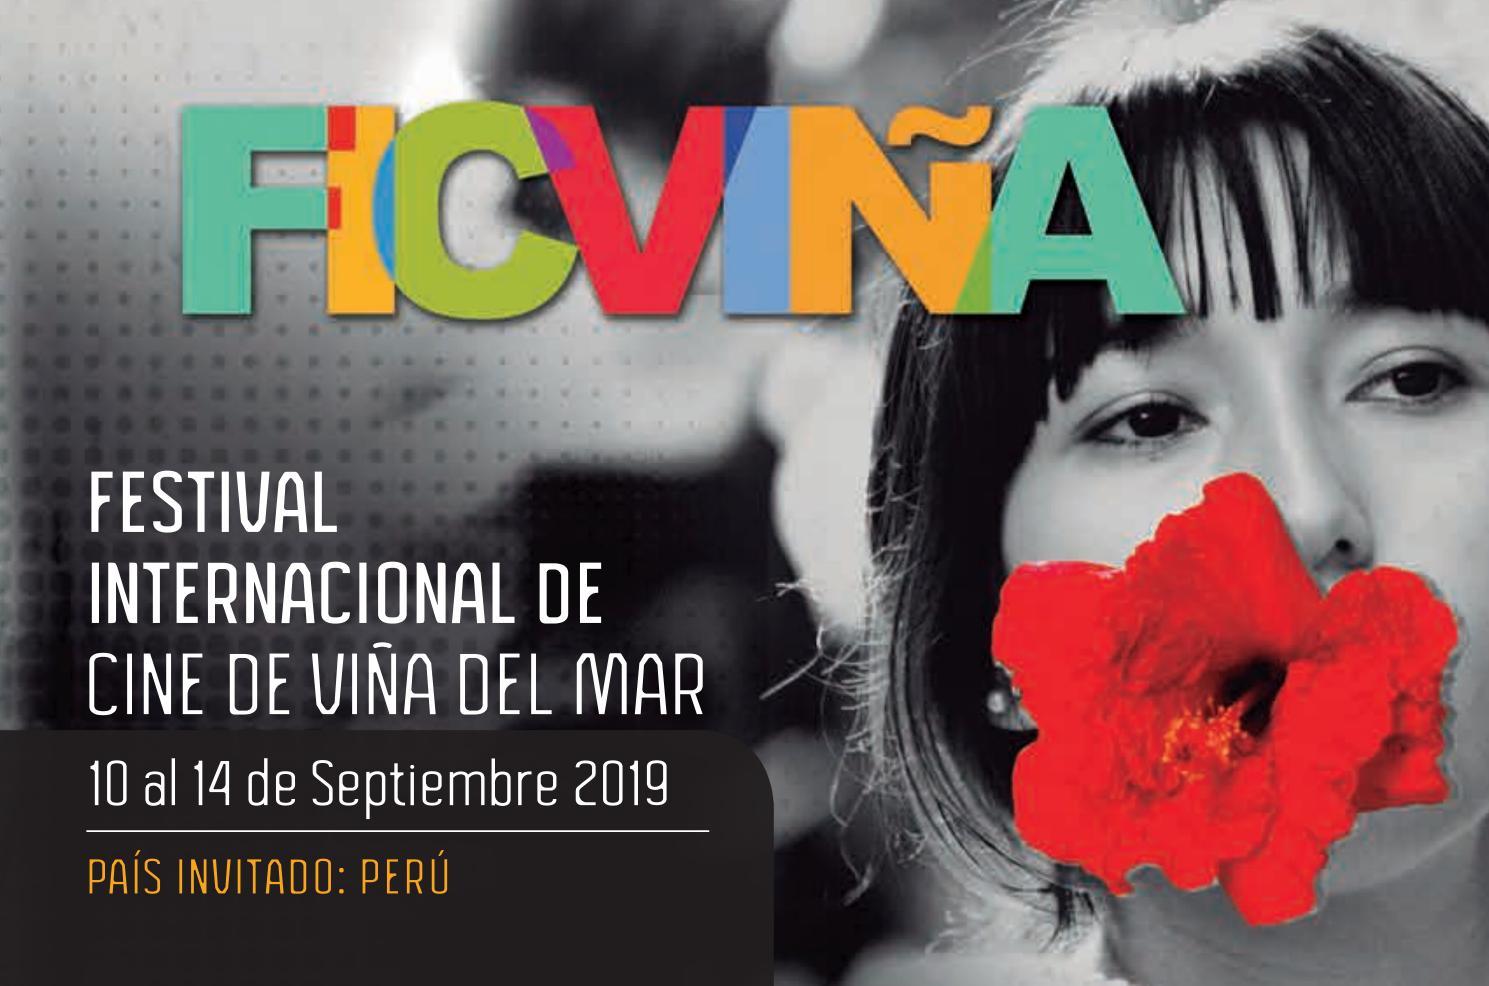 Ana Risueño Bajo La Piel ficviña 2019 - catalogoplaza espectaculos - issuu